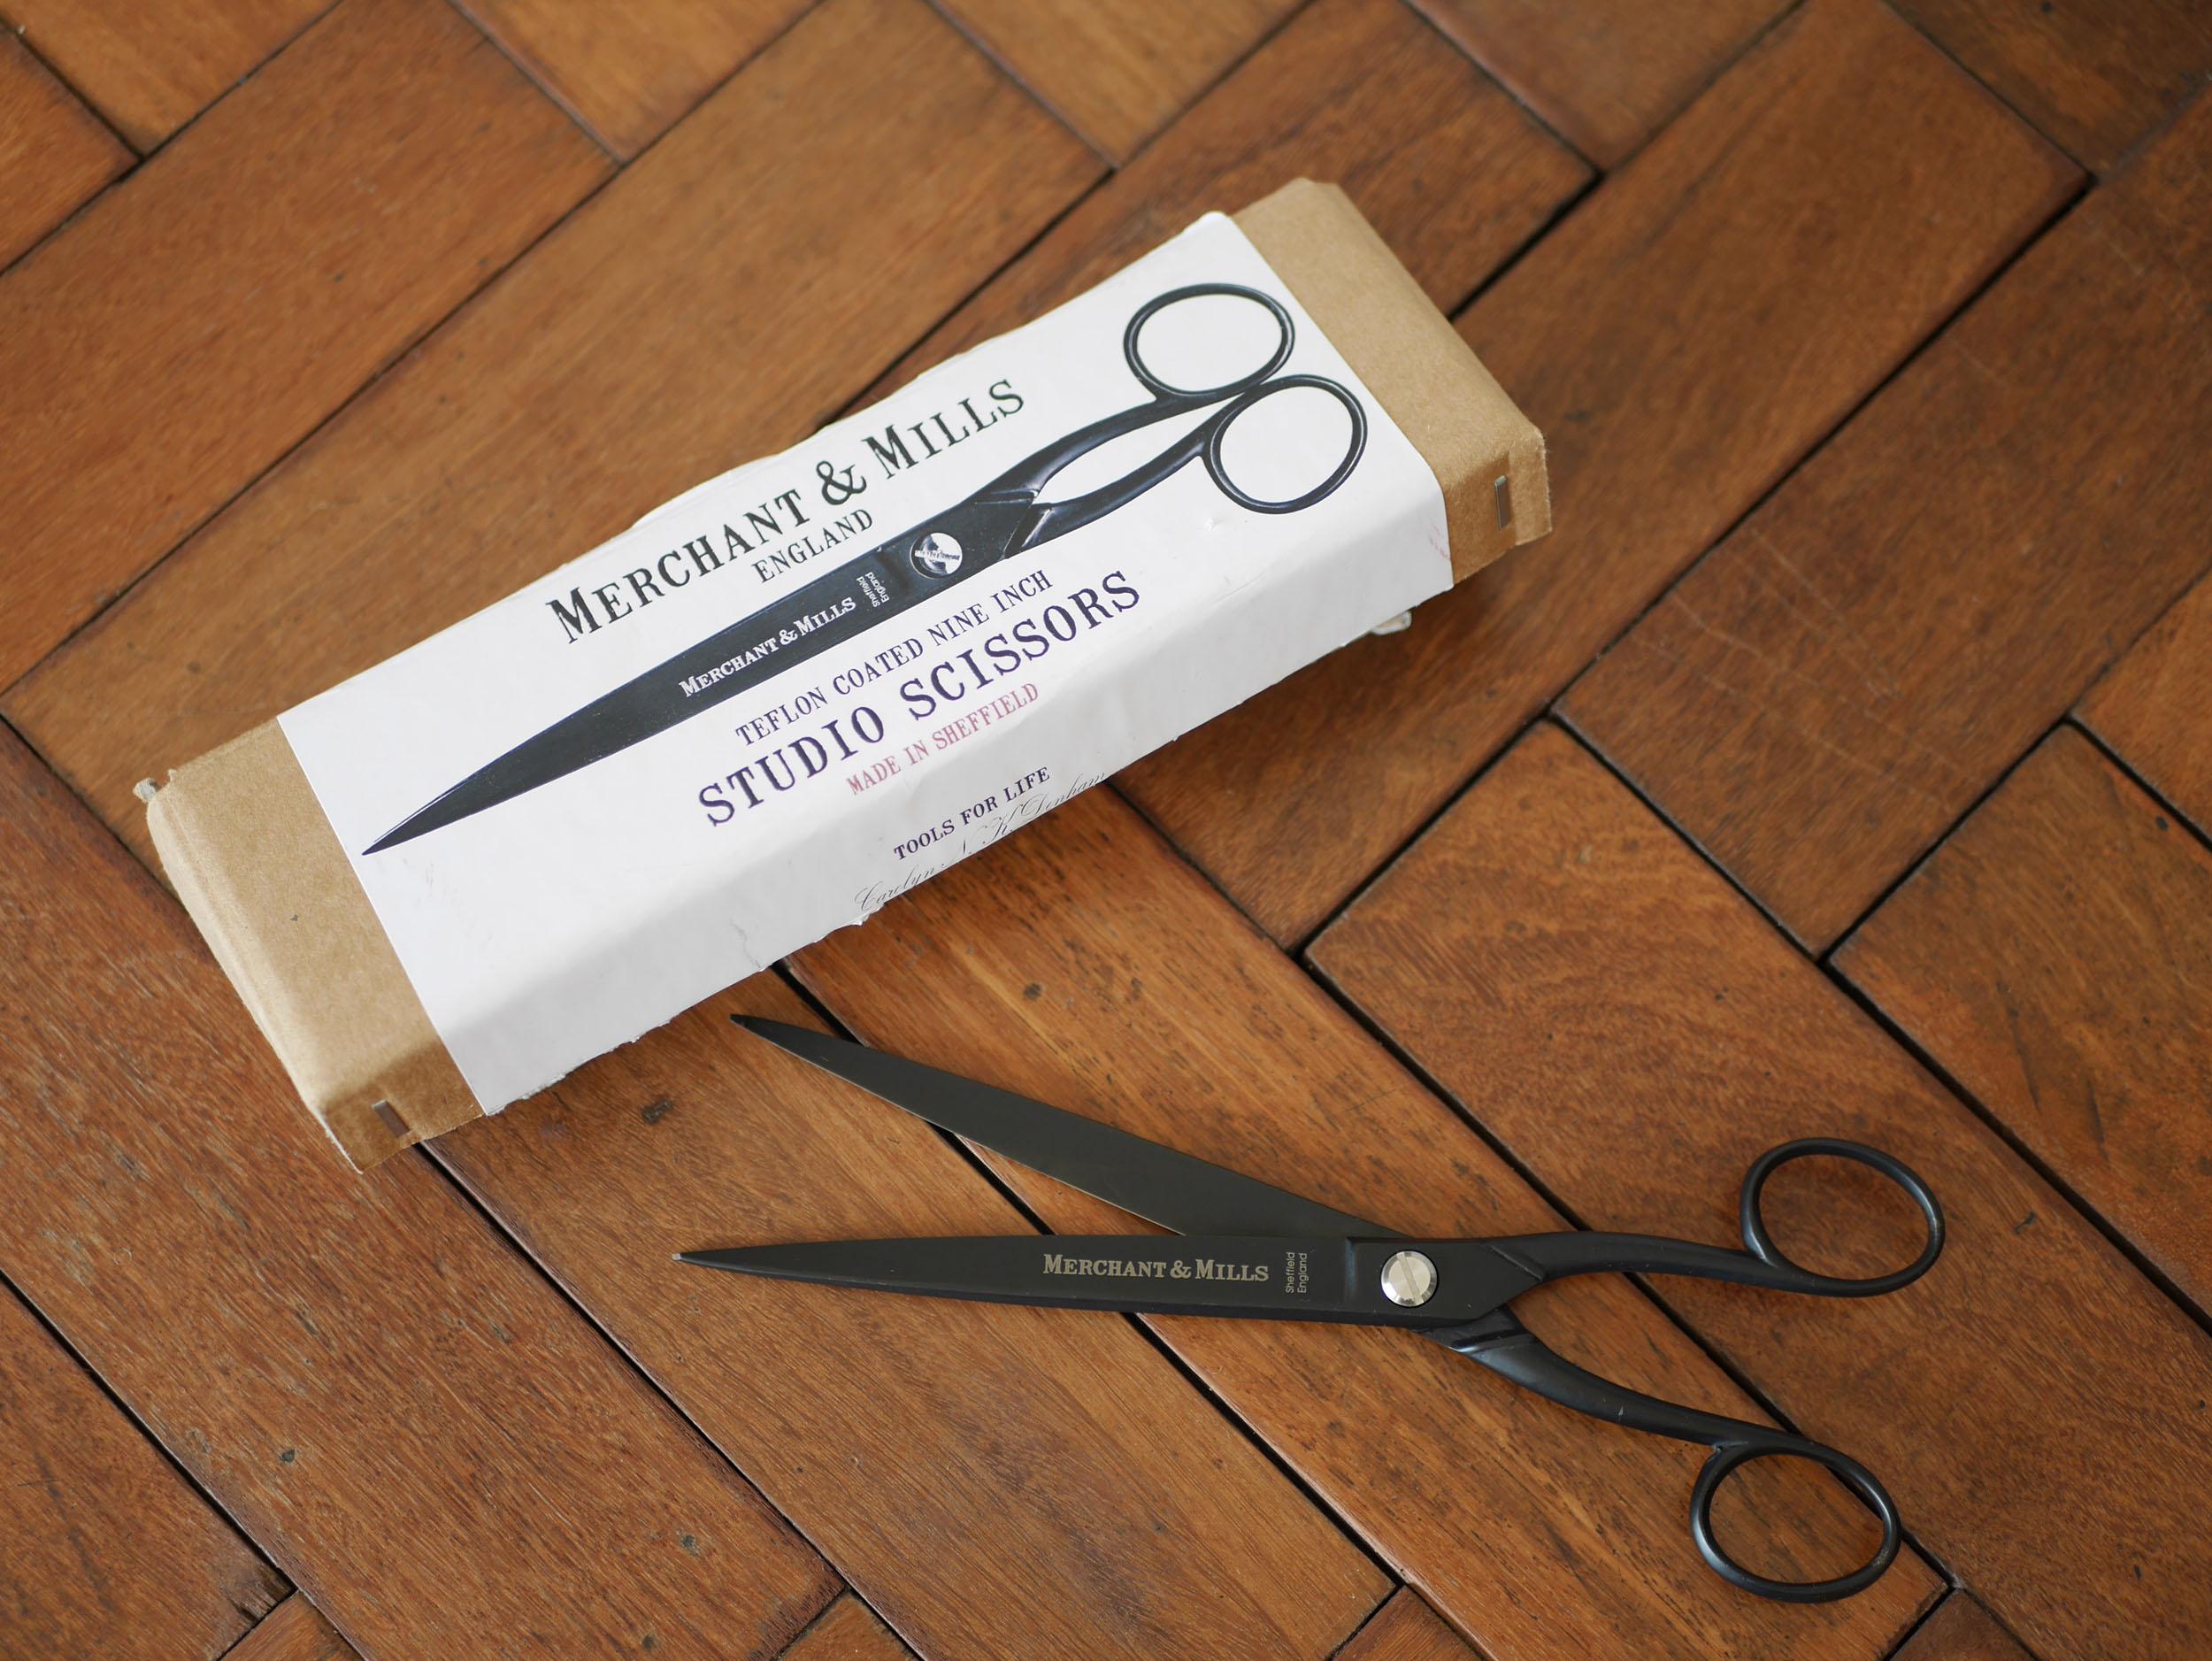 Merchant and Mills Studio Scissors